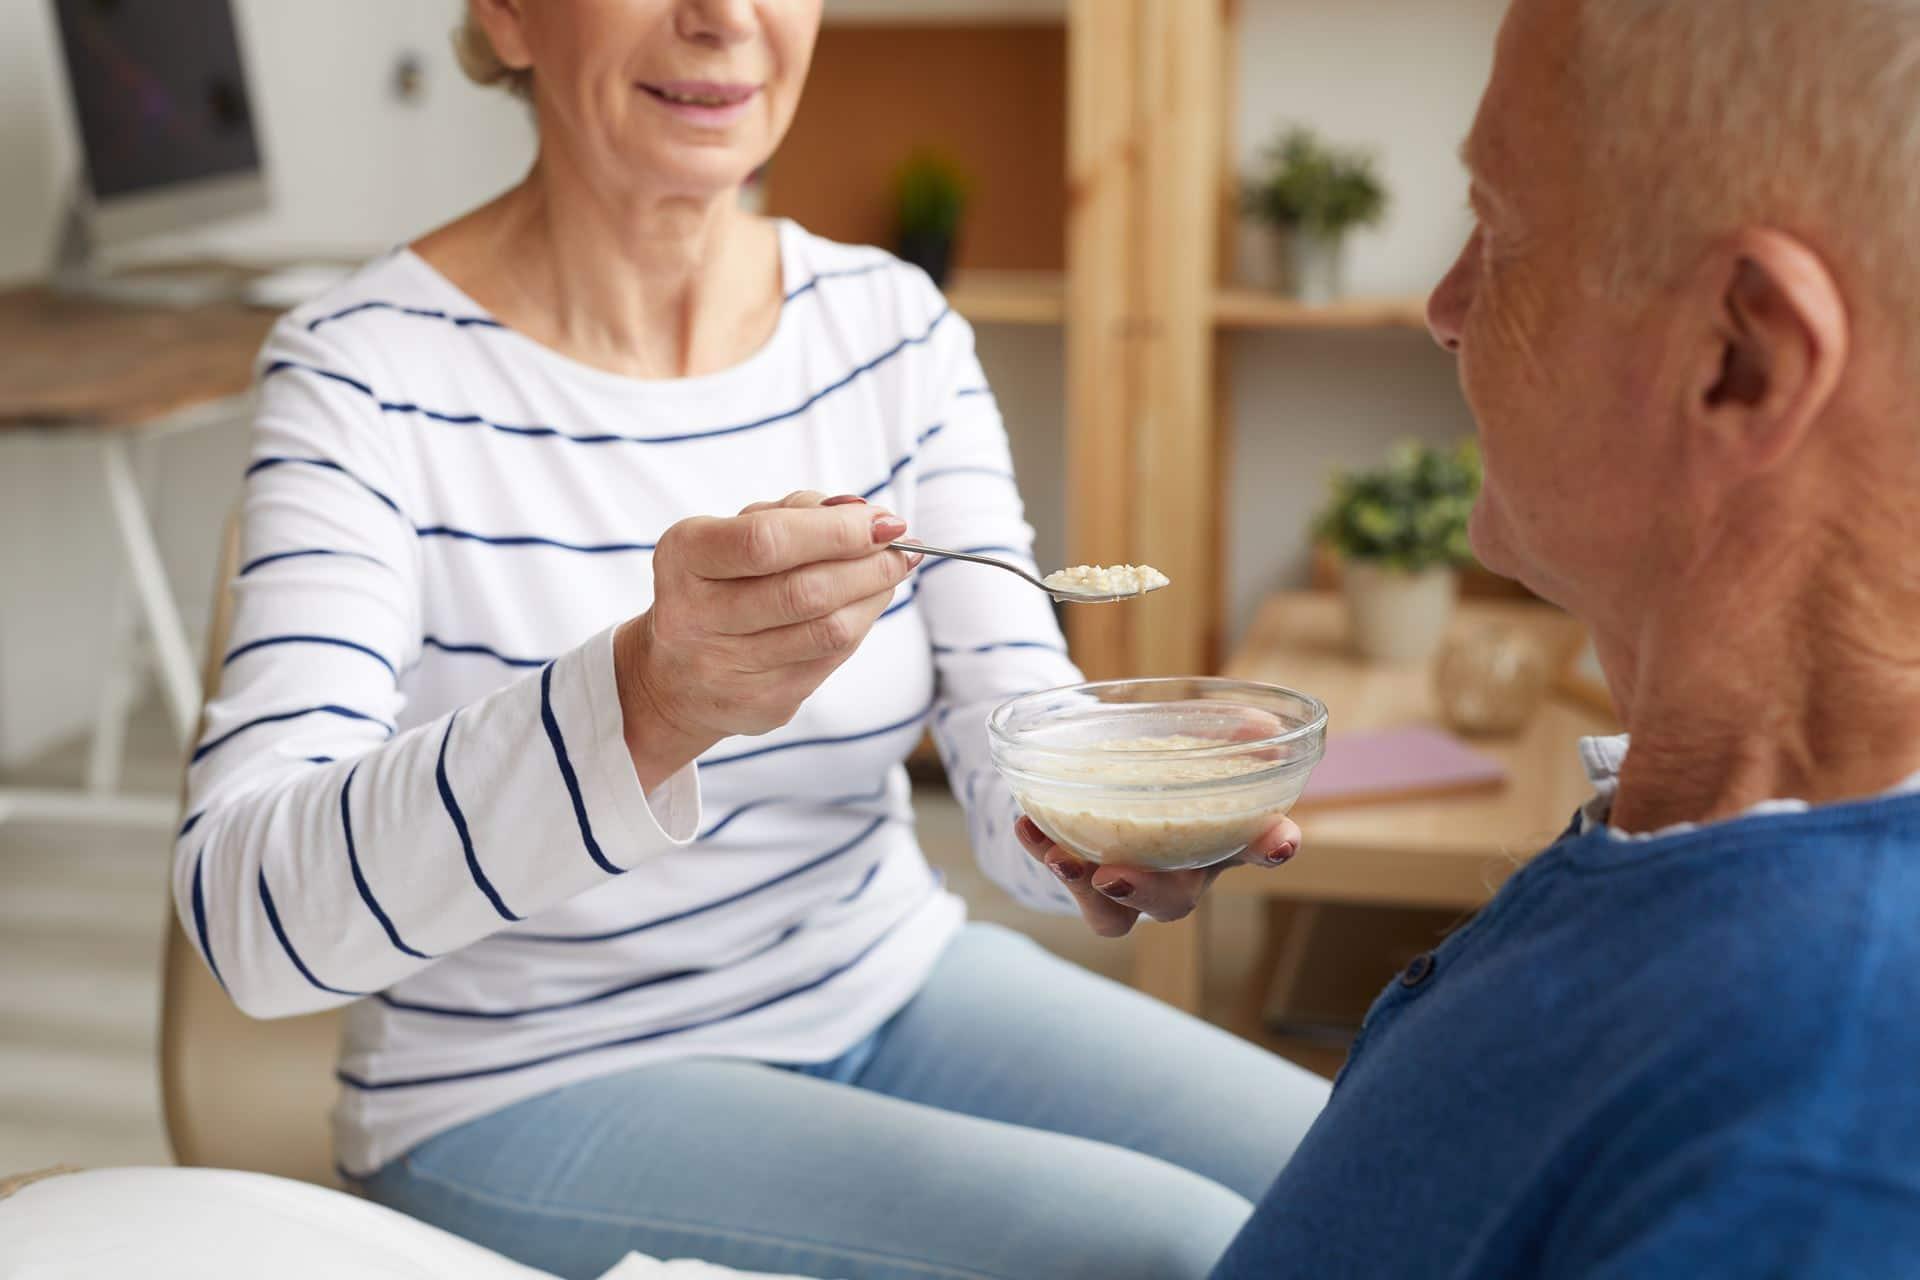 טיפול בבעיות בליעה לחולי פרקינסון - Restart Therapy מומחים בשיקום פרטי בבית הלקוח